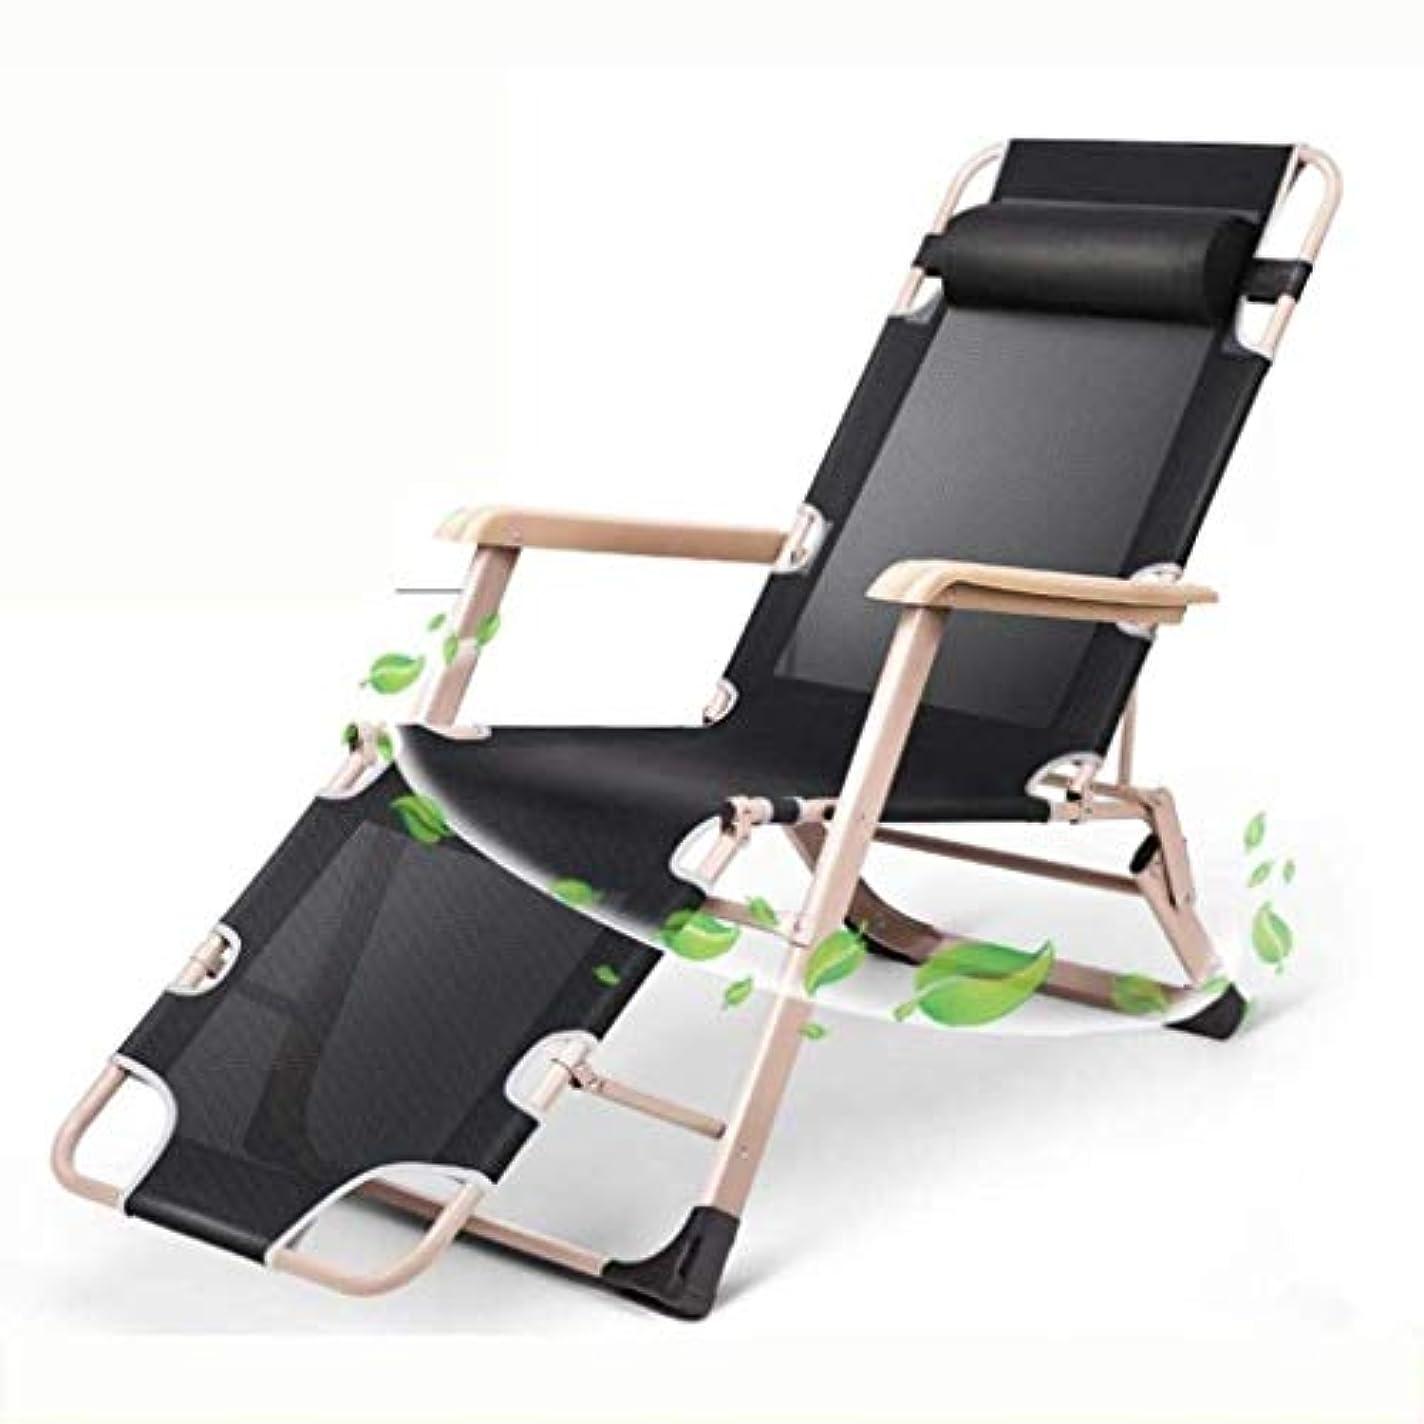 本能対角線全部調節可能なラウンジチェア寝椅子、ヘッドレスト付きアームレストラウンジャー無重力チェアリクライニングチェア仮眠ベッドバックチェア屋外パティオガーデンキャンプビーチ(色:F、サイズ:68x117x51cm(27x46x20inch))